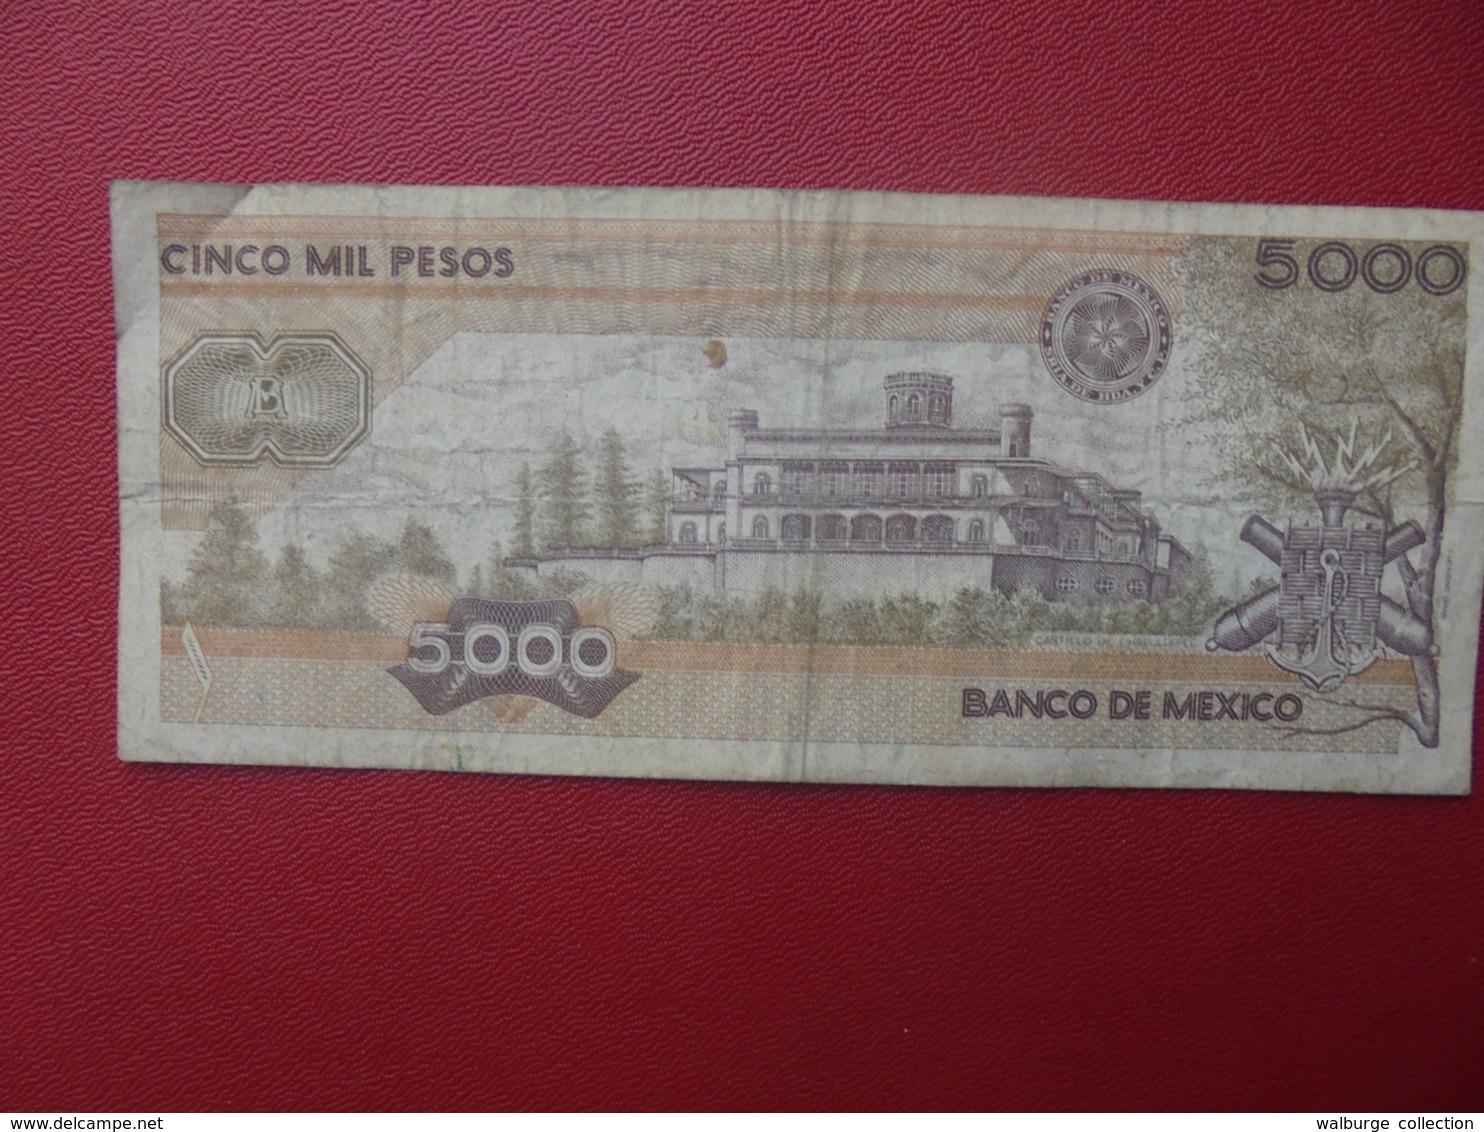 MEXIQUE 5000 PESOS 1987 CIRCULER (B.8) - Mexico